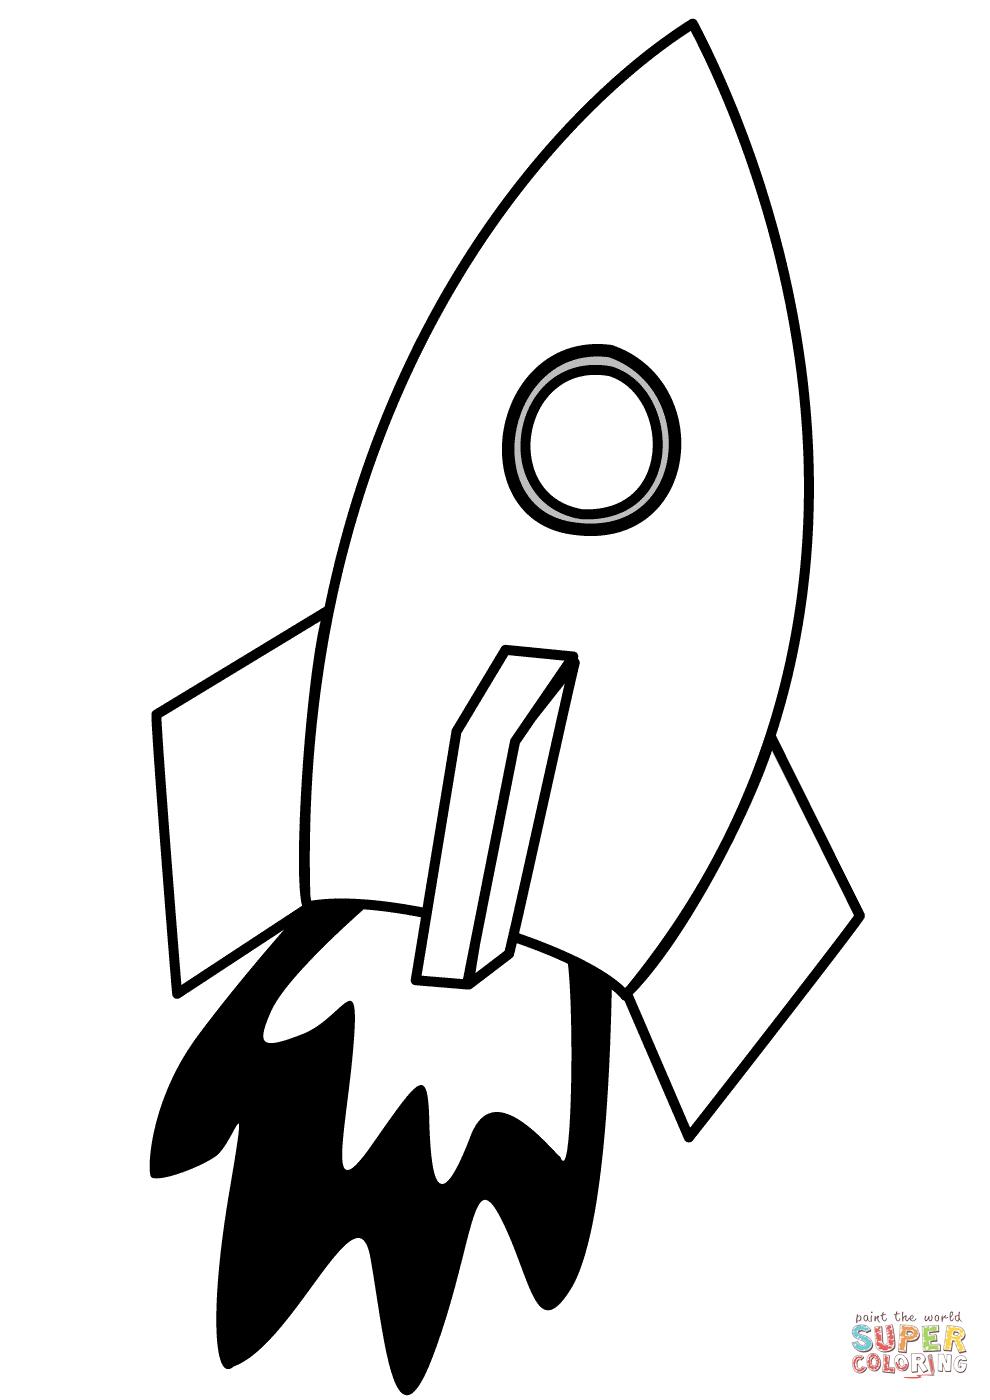 Ausmalbild: Rakete | Ausmalbilder Kostenlos Zum Ausdrucken verwandt mit Ausmalbild Rakete